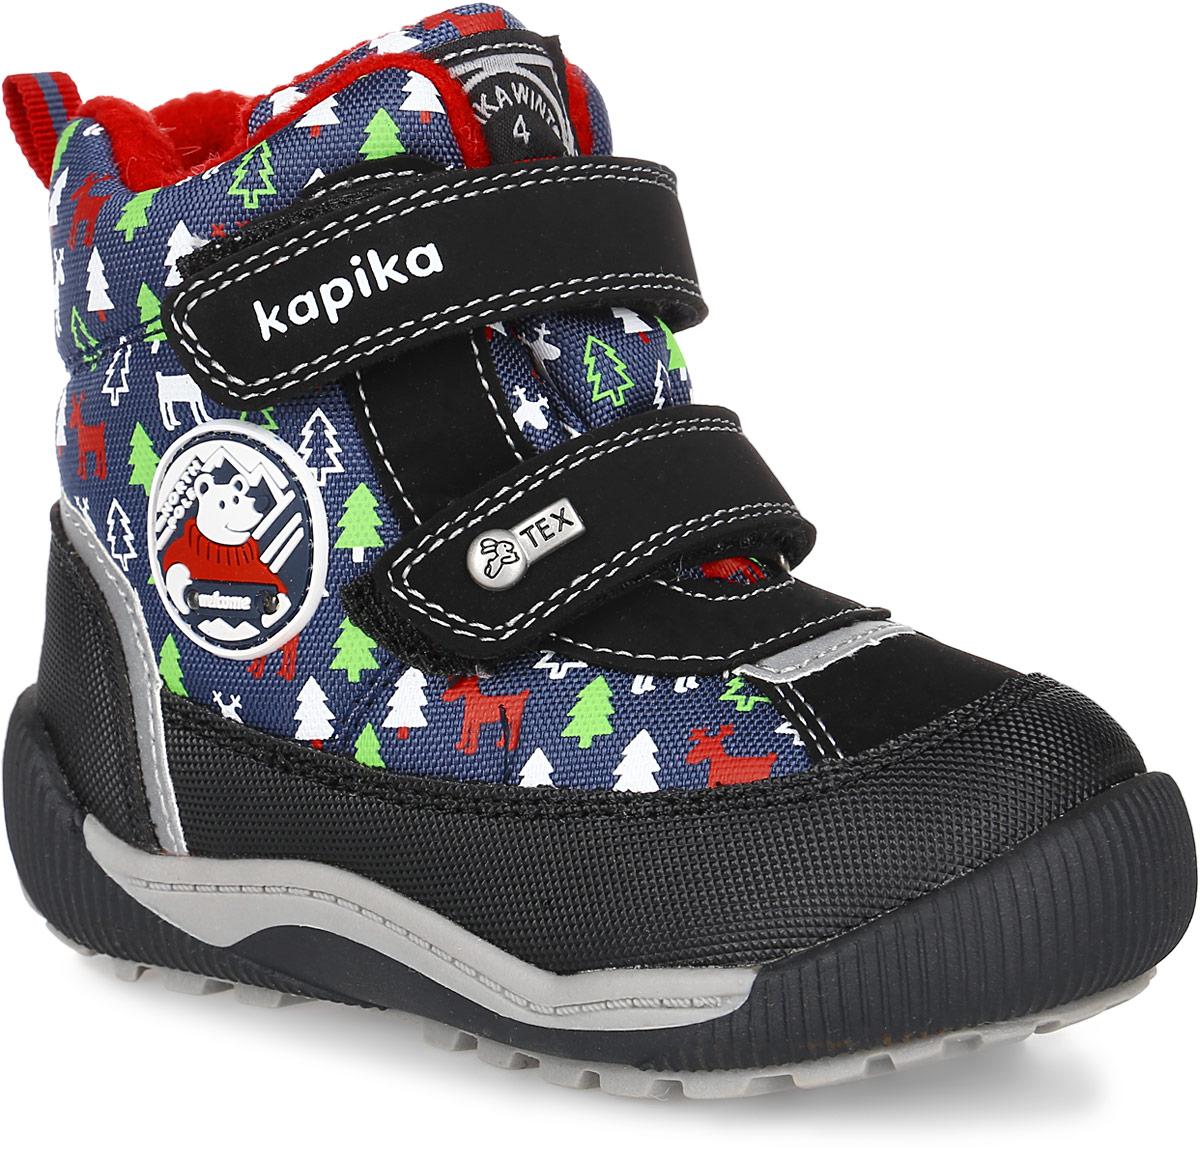 Ботинки для мальчика Kapika, цвет: темно-синий, черный. 41152-2. Размер 2341152-2Стильные ботинки от Kapika заинтересуют вашего мальчика с первого взгляда. Модель, выполненная из искусственной кожи и текстиля, сбоку оформлена оригинальным принтом и фирменными нашивками. Мембранный слой защитит ножки вашего ребенка от намокания и обеспечит высокую воздухопроницаемость. Изделие на застежках-липучках, что способствует надежной фиксации на ноге. Задник оснащен ярлычком для облегчения надевания. Стелька, изготовленная на 80% из натурального овечьего шерстяного меха, отлично сохраняет тепло и надежно защищает от холода, а также создаёт условия для удобного и долговечного использования. Рельефная подошва, выполненная из материала ТЭП, обеспечивает сцепление с любой поверхностью. Материал ТЭП не пропускает и не впитывает воду. При ходьбе сбоку на нашивке мигают огоньки. Чудесные ботинки займут достойное место в гардеробе вашего ребенка.